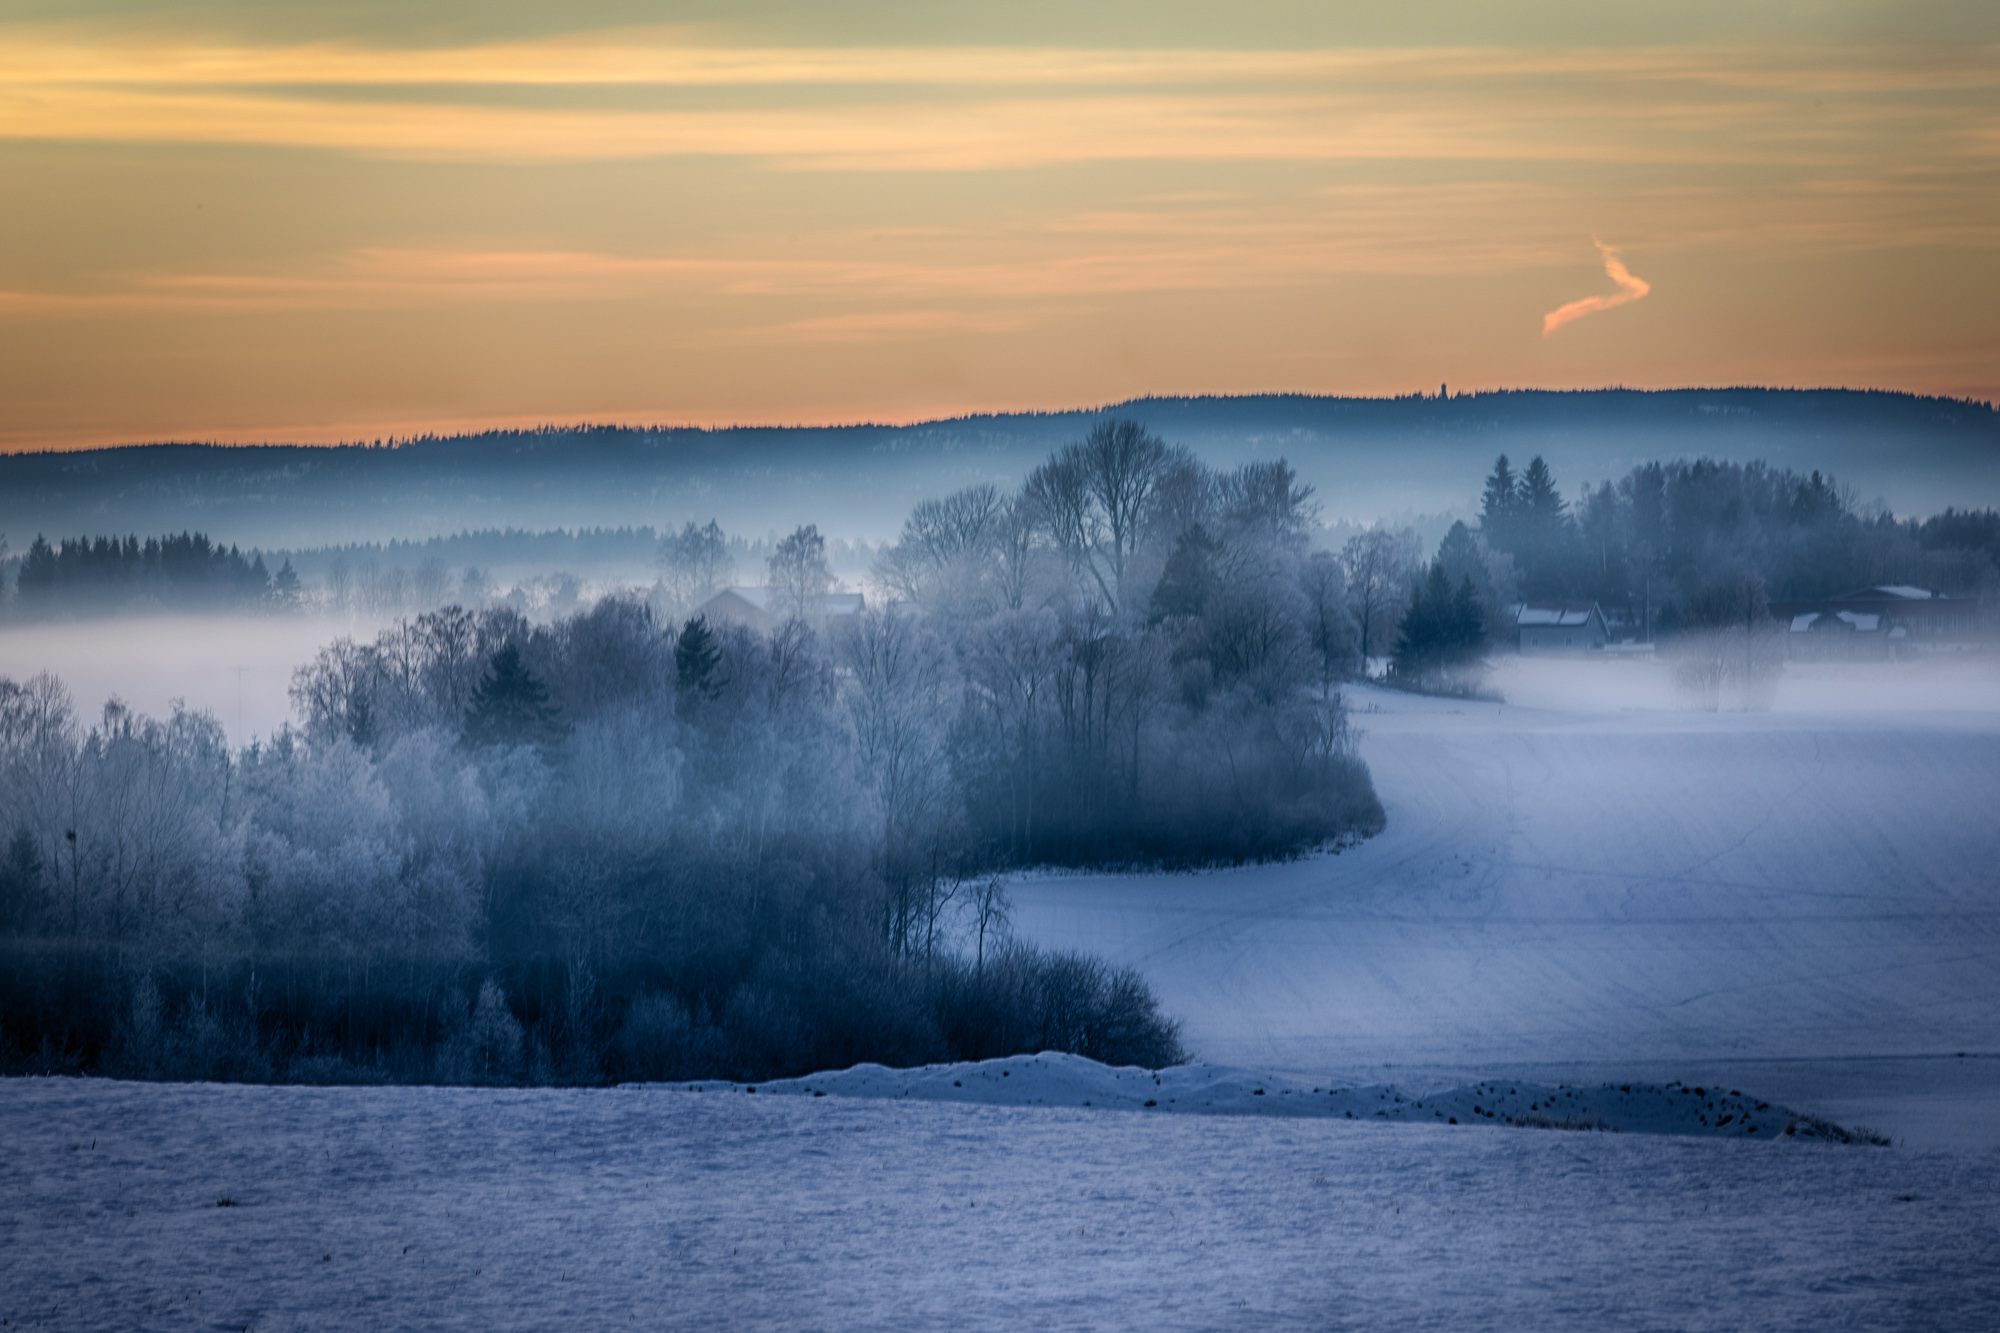 051 - Solnedgang i Ås